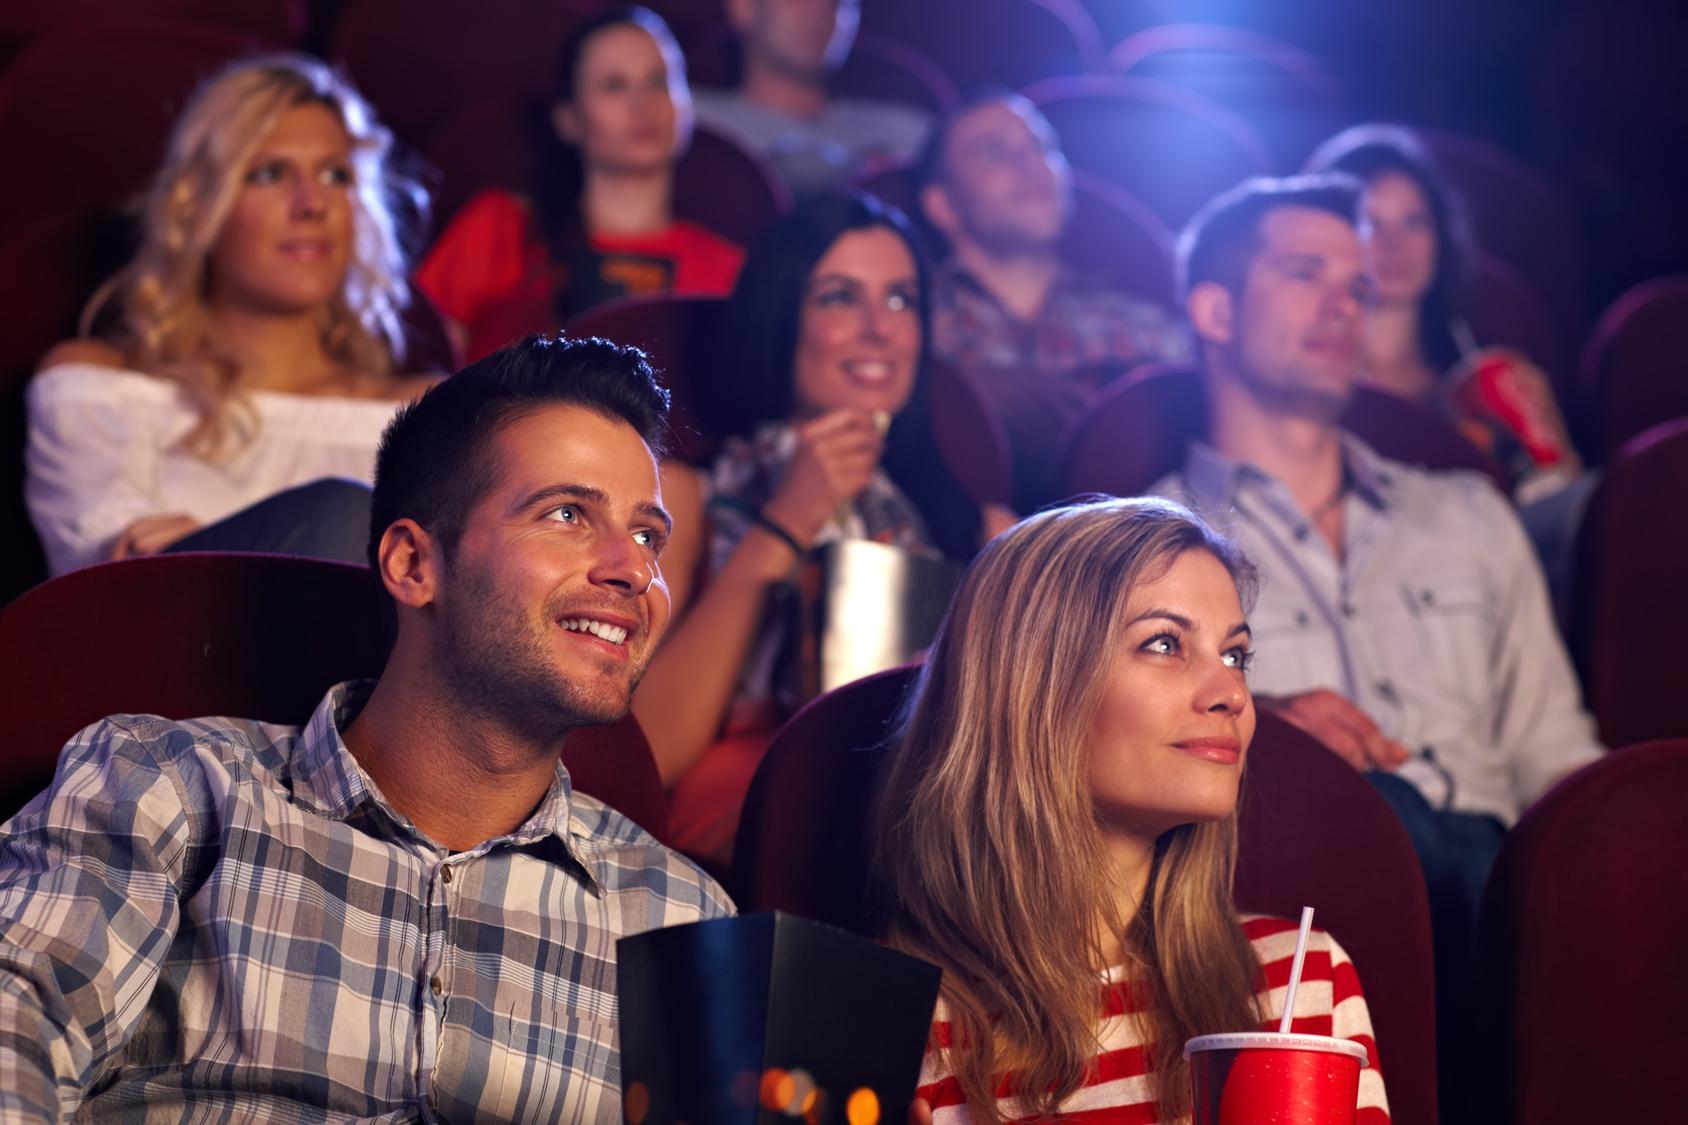 街コンレポート_映画館でカップルが映画鑑賞しています